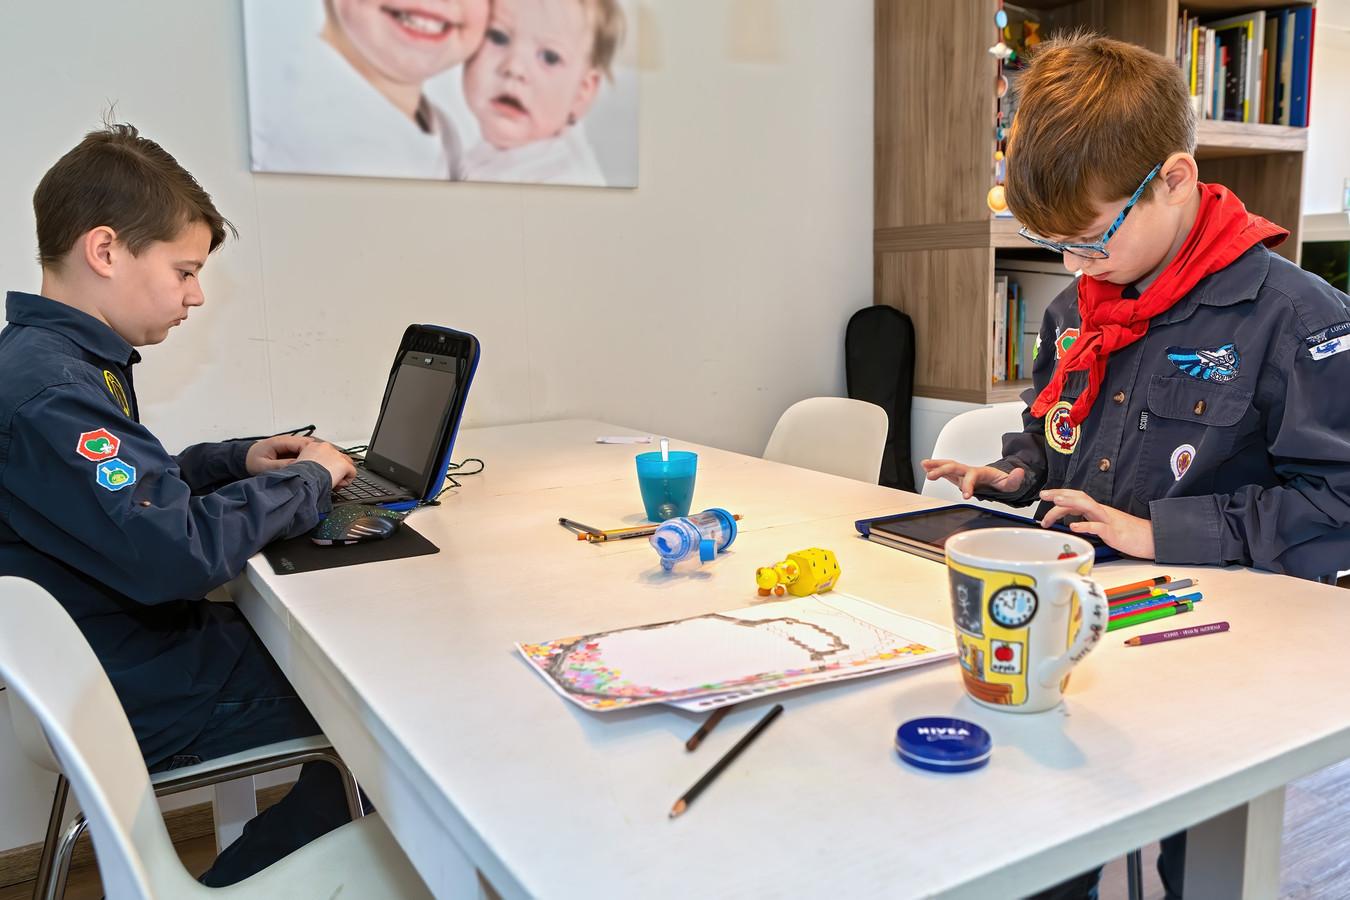 De luchtscouts Seppe bieden een online programma aan voor hun scouts. Joek en Siebe zijn thuis bezig met opdrachten. Links in beeld is Joek bezig op te zoeken wat er in 1927 in Wuhan gebeurde, rechts is Jibbe aan het uitzoeken hoe hij zijn naam in het Chinees moet schrijven.